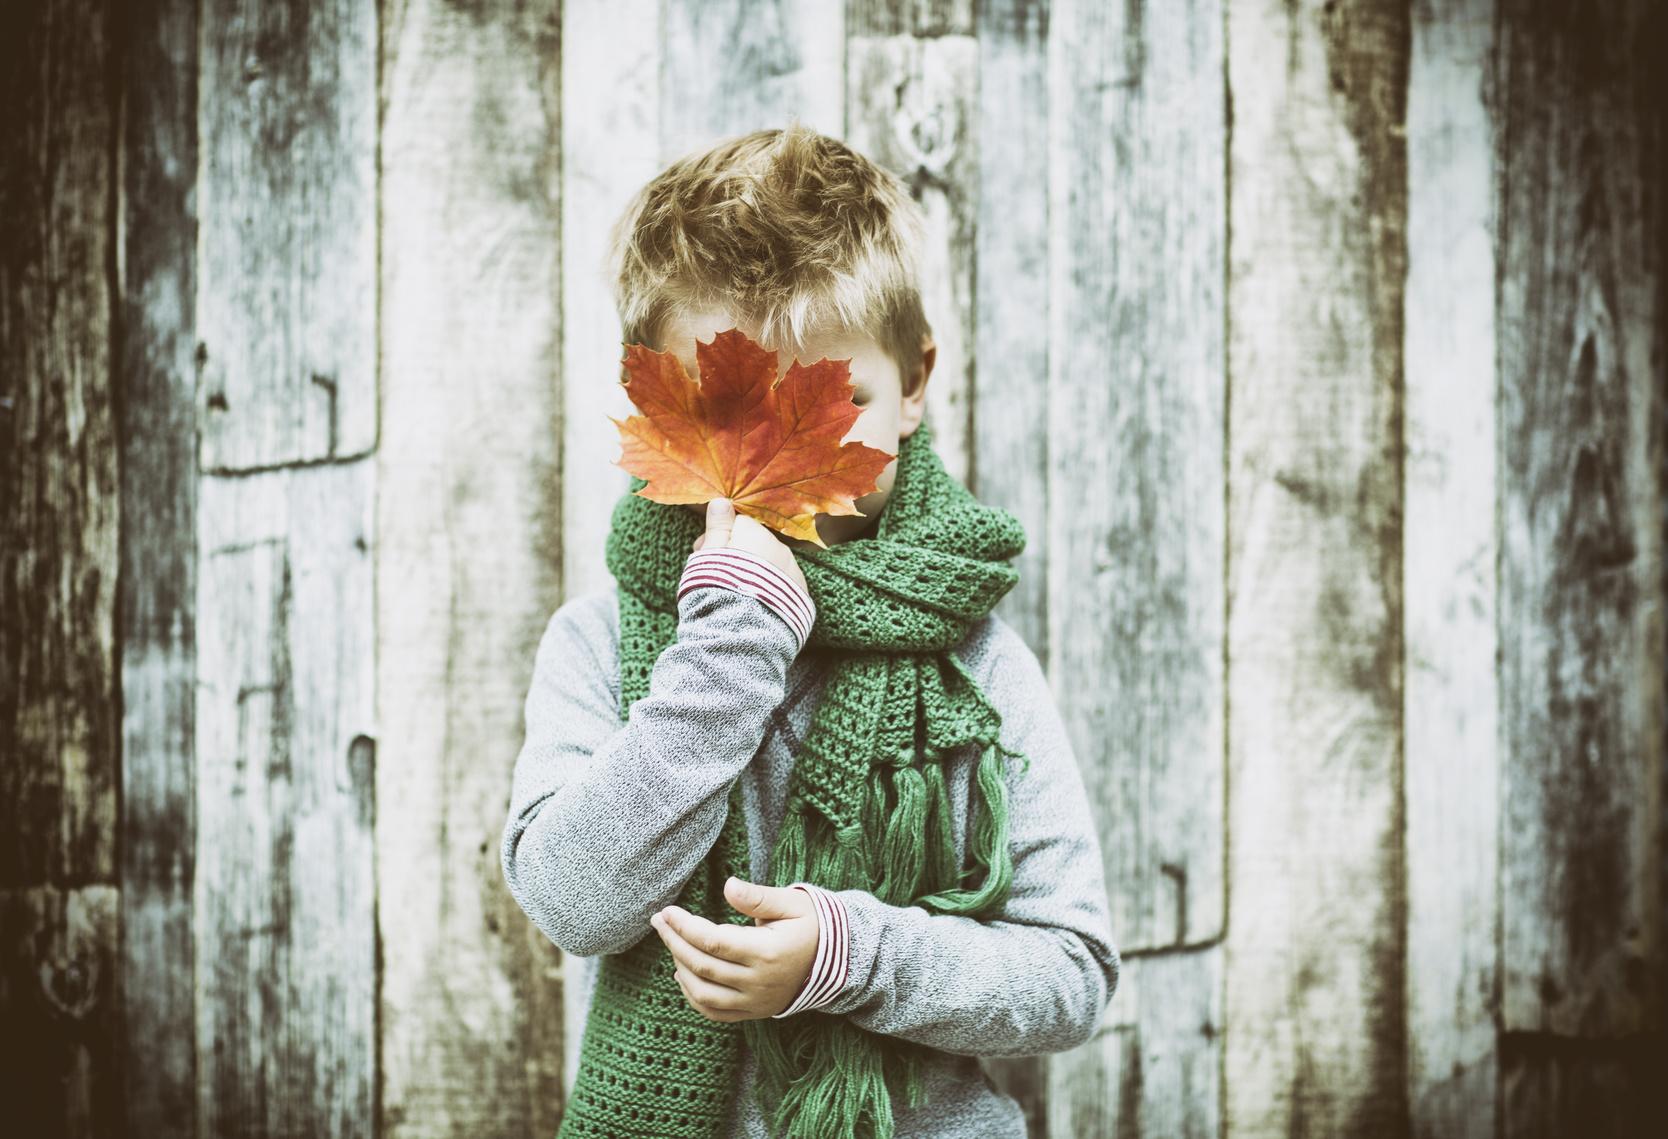 Kleiner Junge vor einer Bretterwand hält sich ein braunes Ahornblatt vors Gesicht.